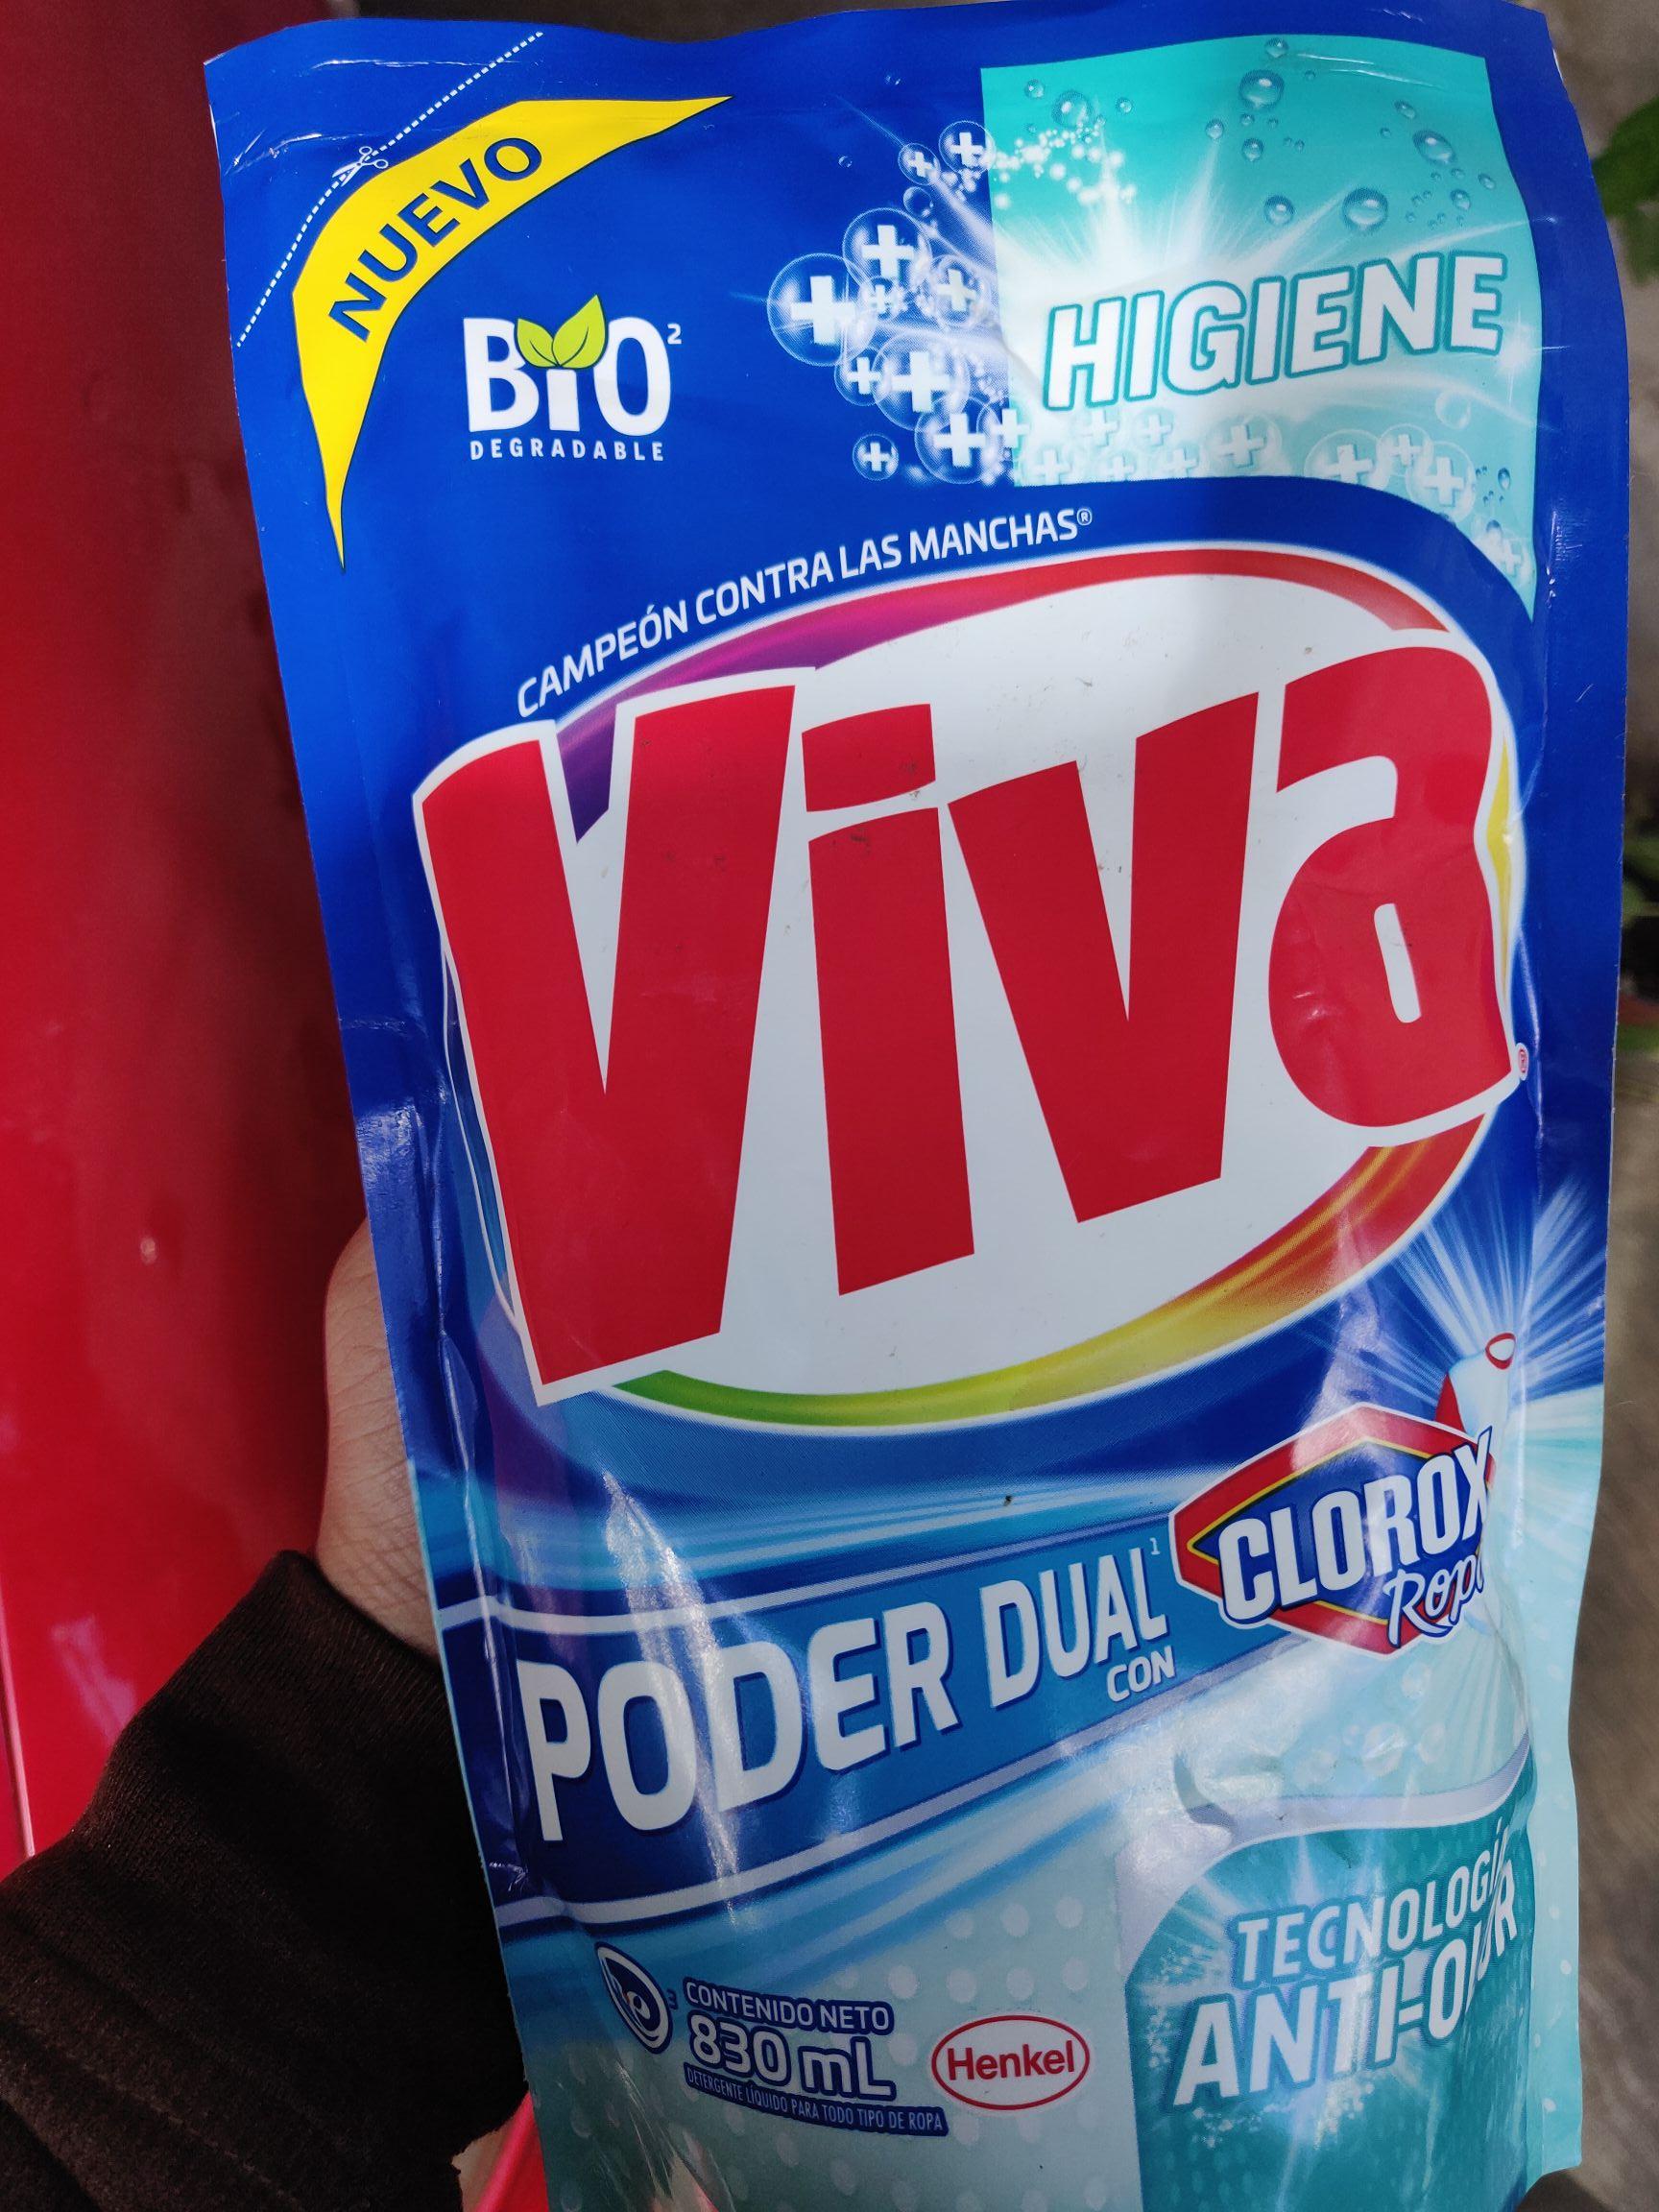 Chedraui: Detergente Viva Higiene 830ml